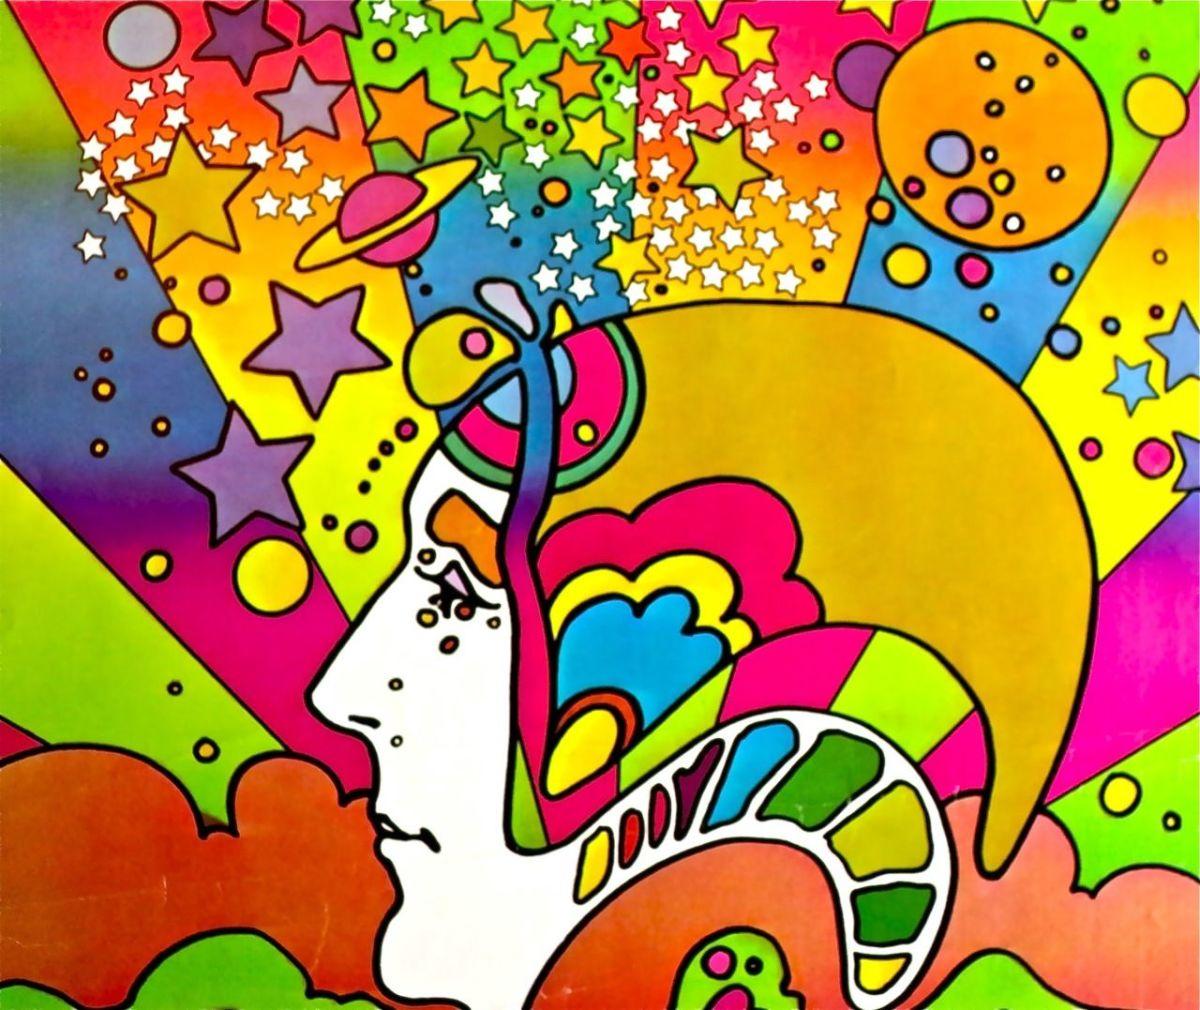 Cosmic 60's - Peter Max